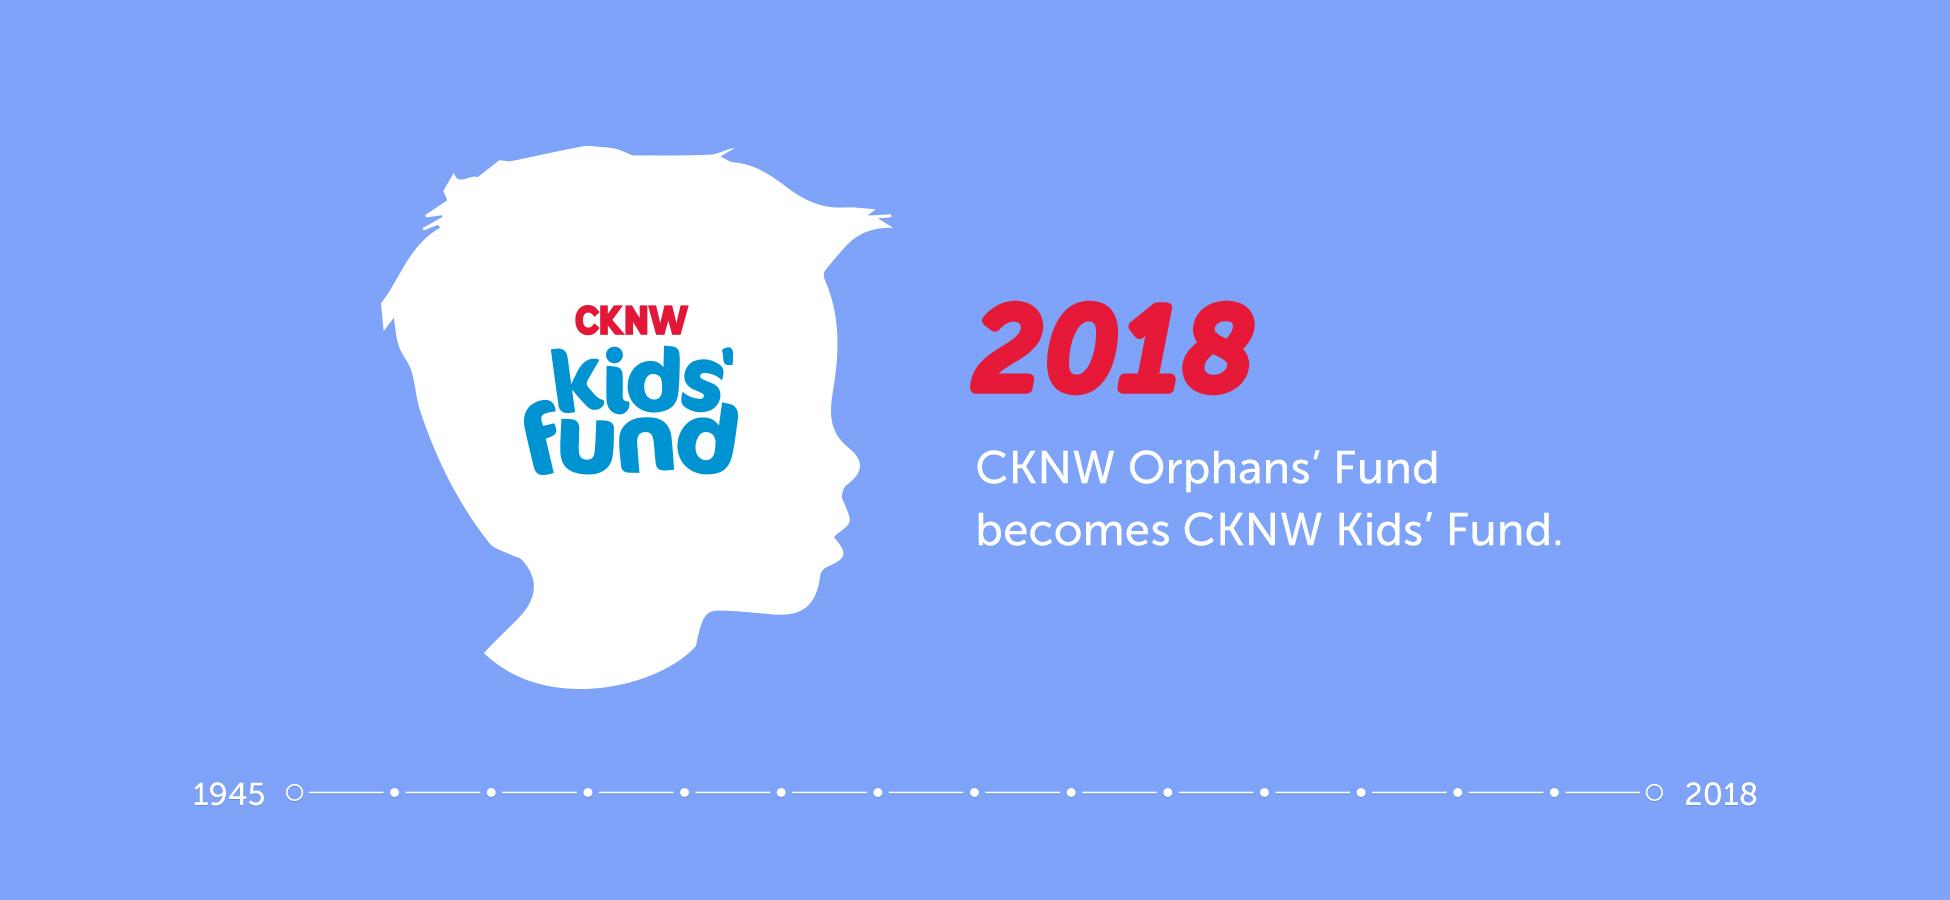 CKNW-2018.jpg